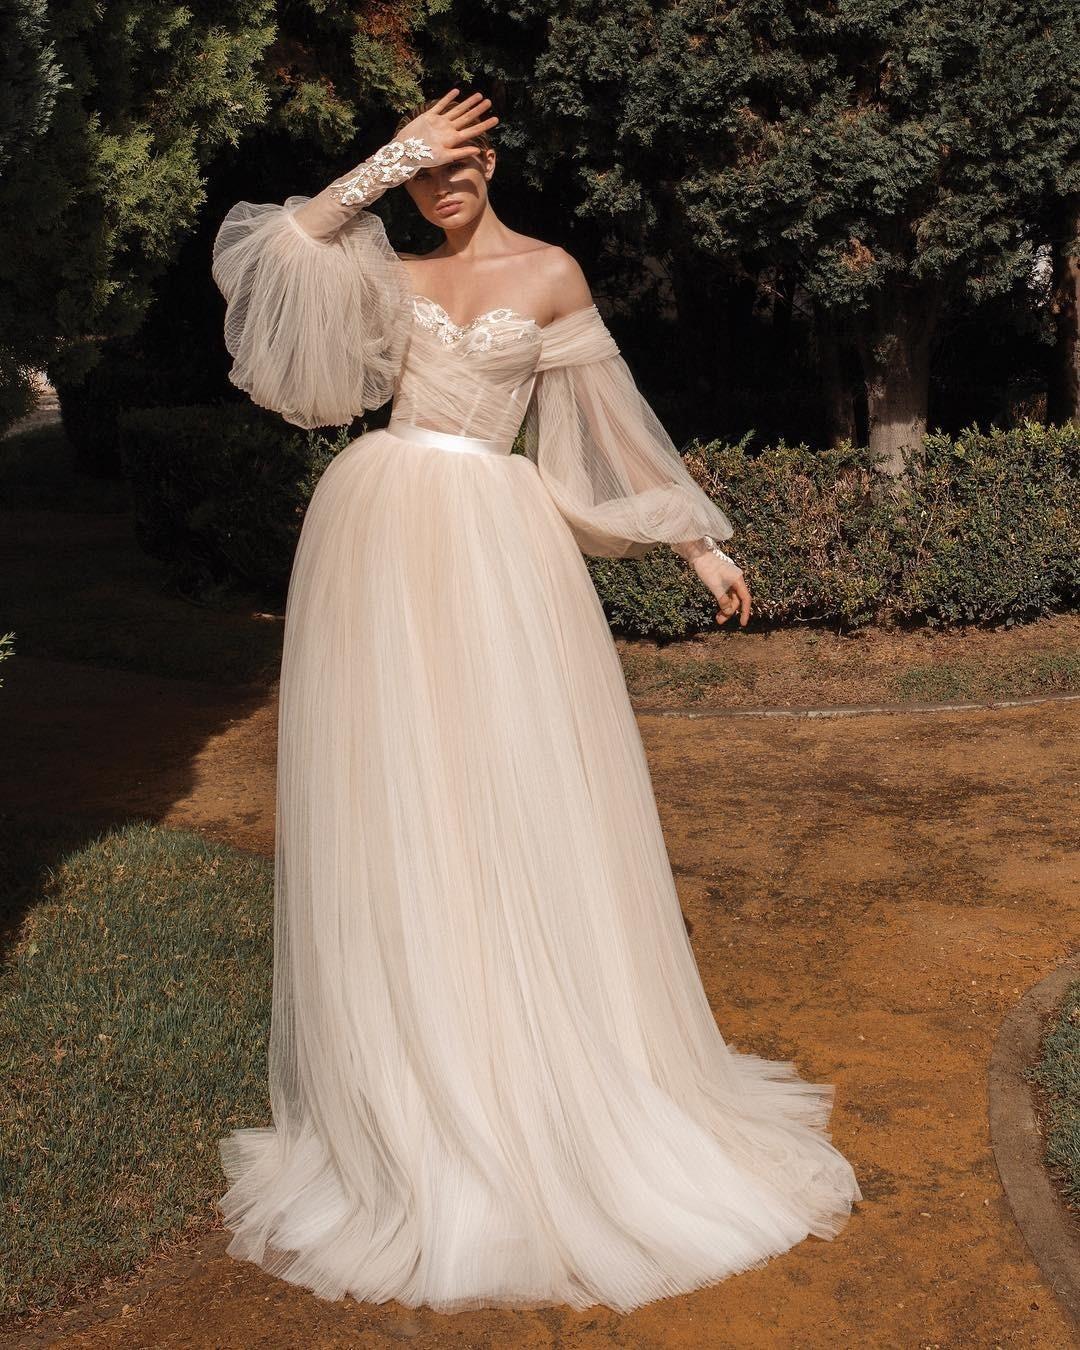 80-е проскользнули в свадебную моду в виде пышных рукавов. Но в отличие от «устаревших» вариаций новые их интерпретации стали более изящными, романтичными и современными (особенно в сочет...